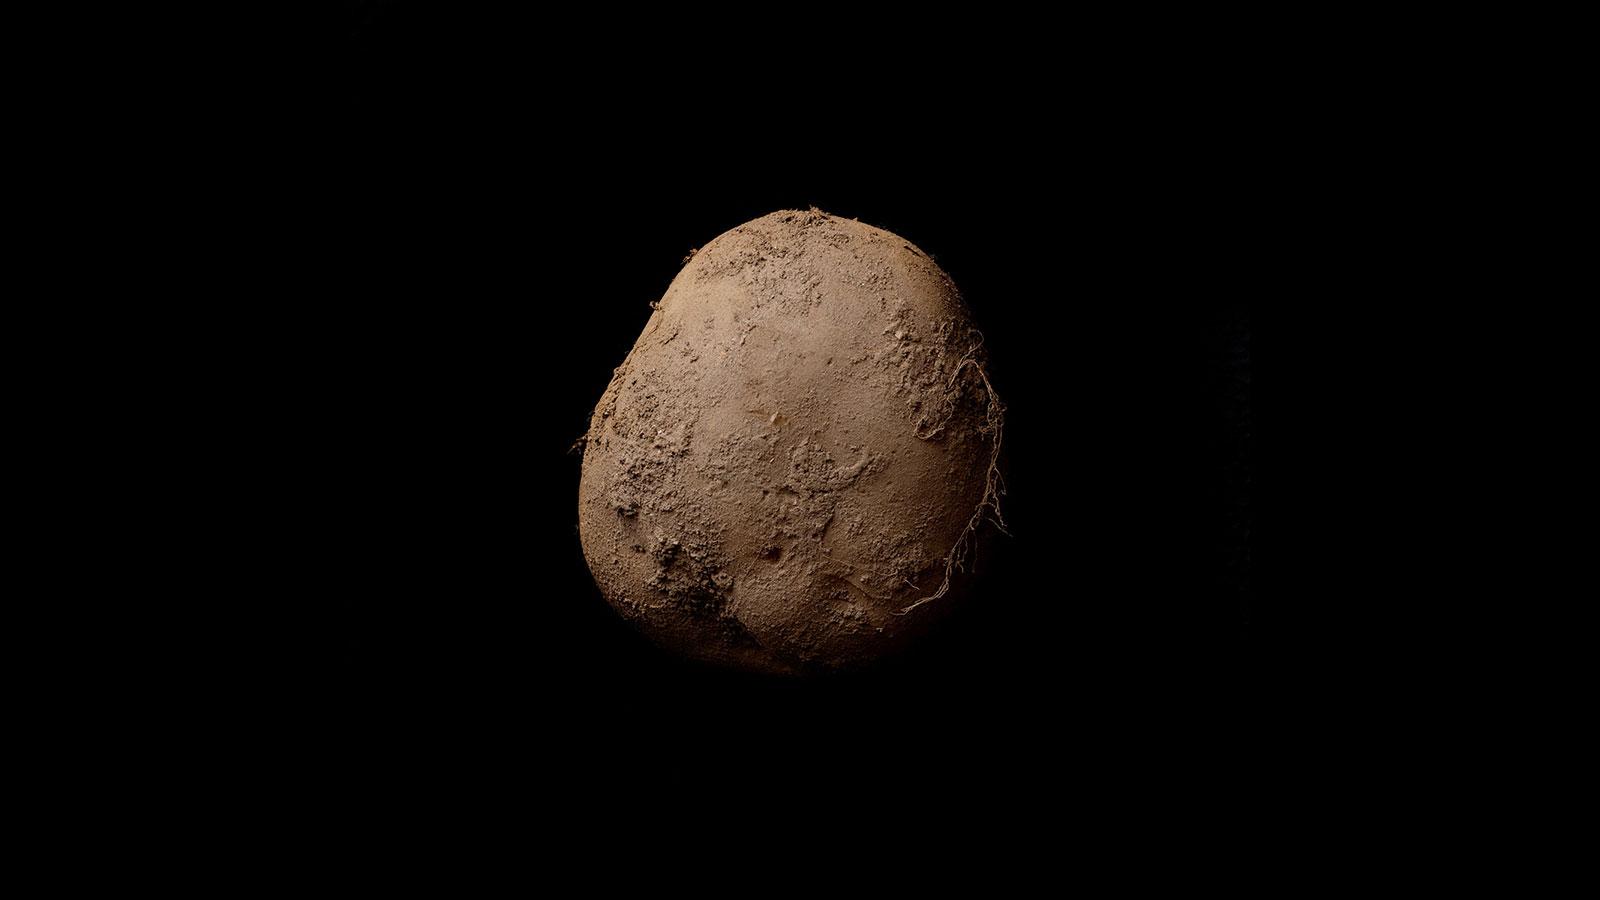 В Британии завершился конкурс на лучшее фото картошки.Вокруг Света. Украина